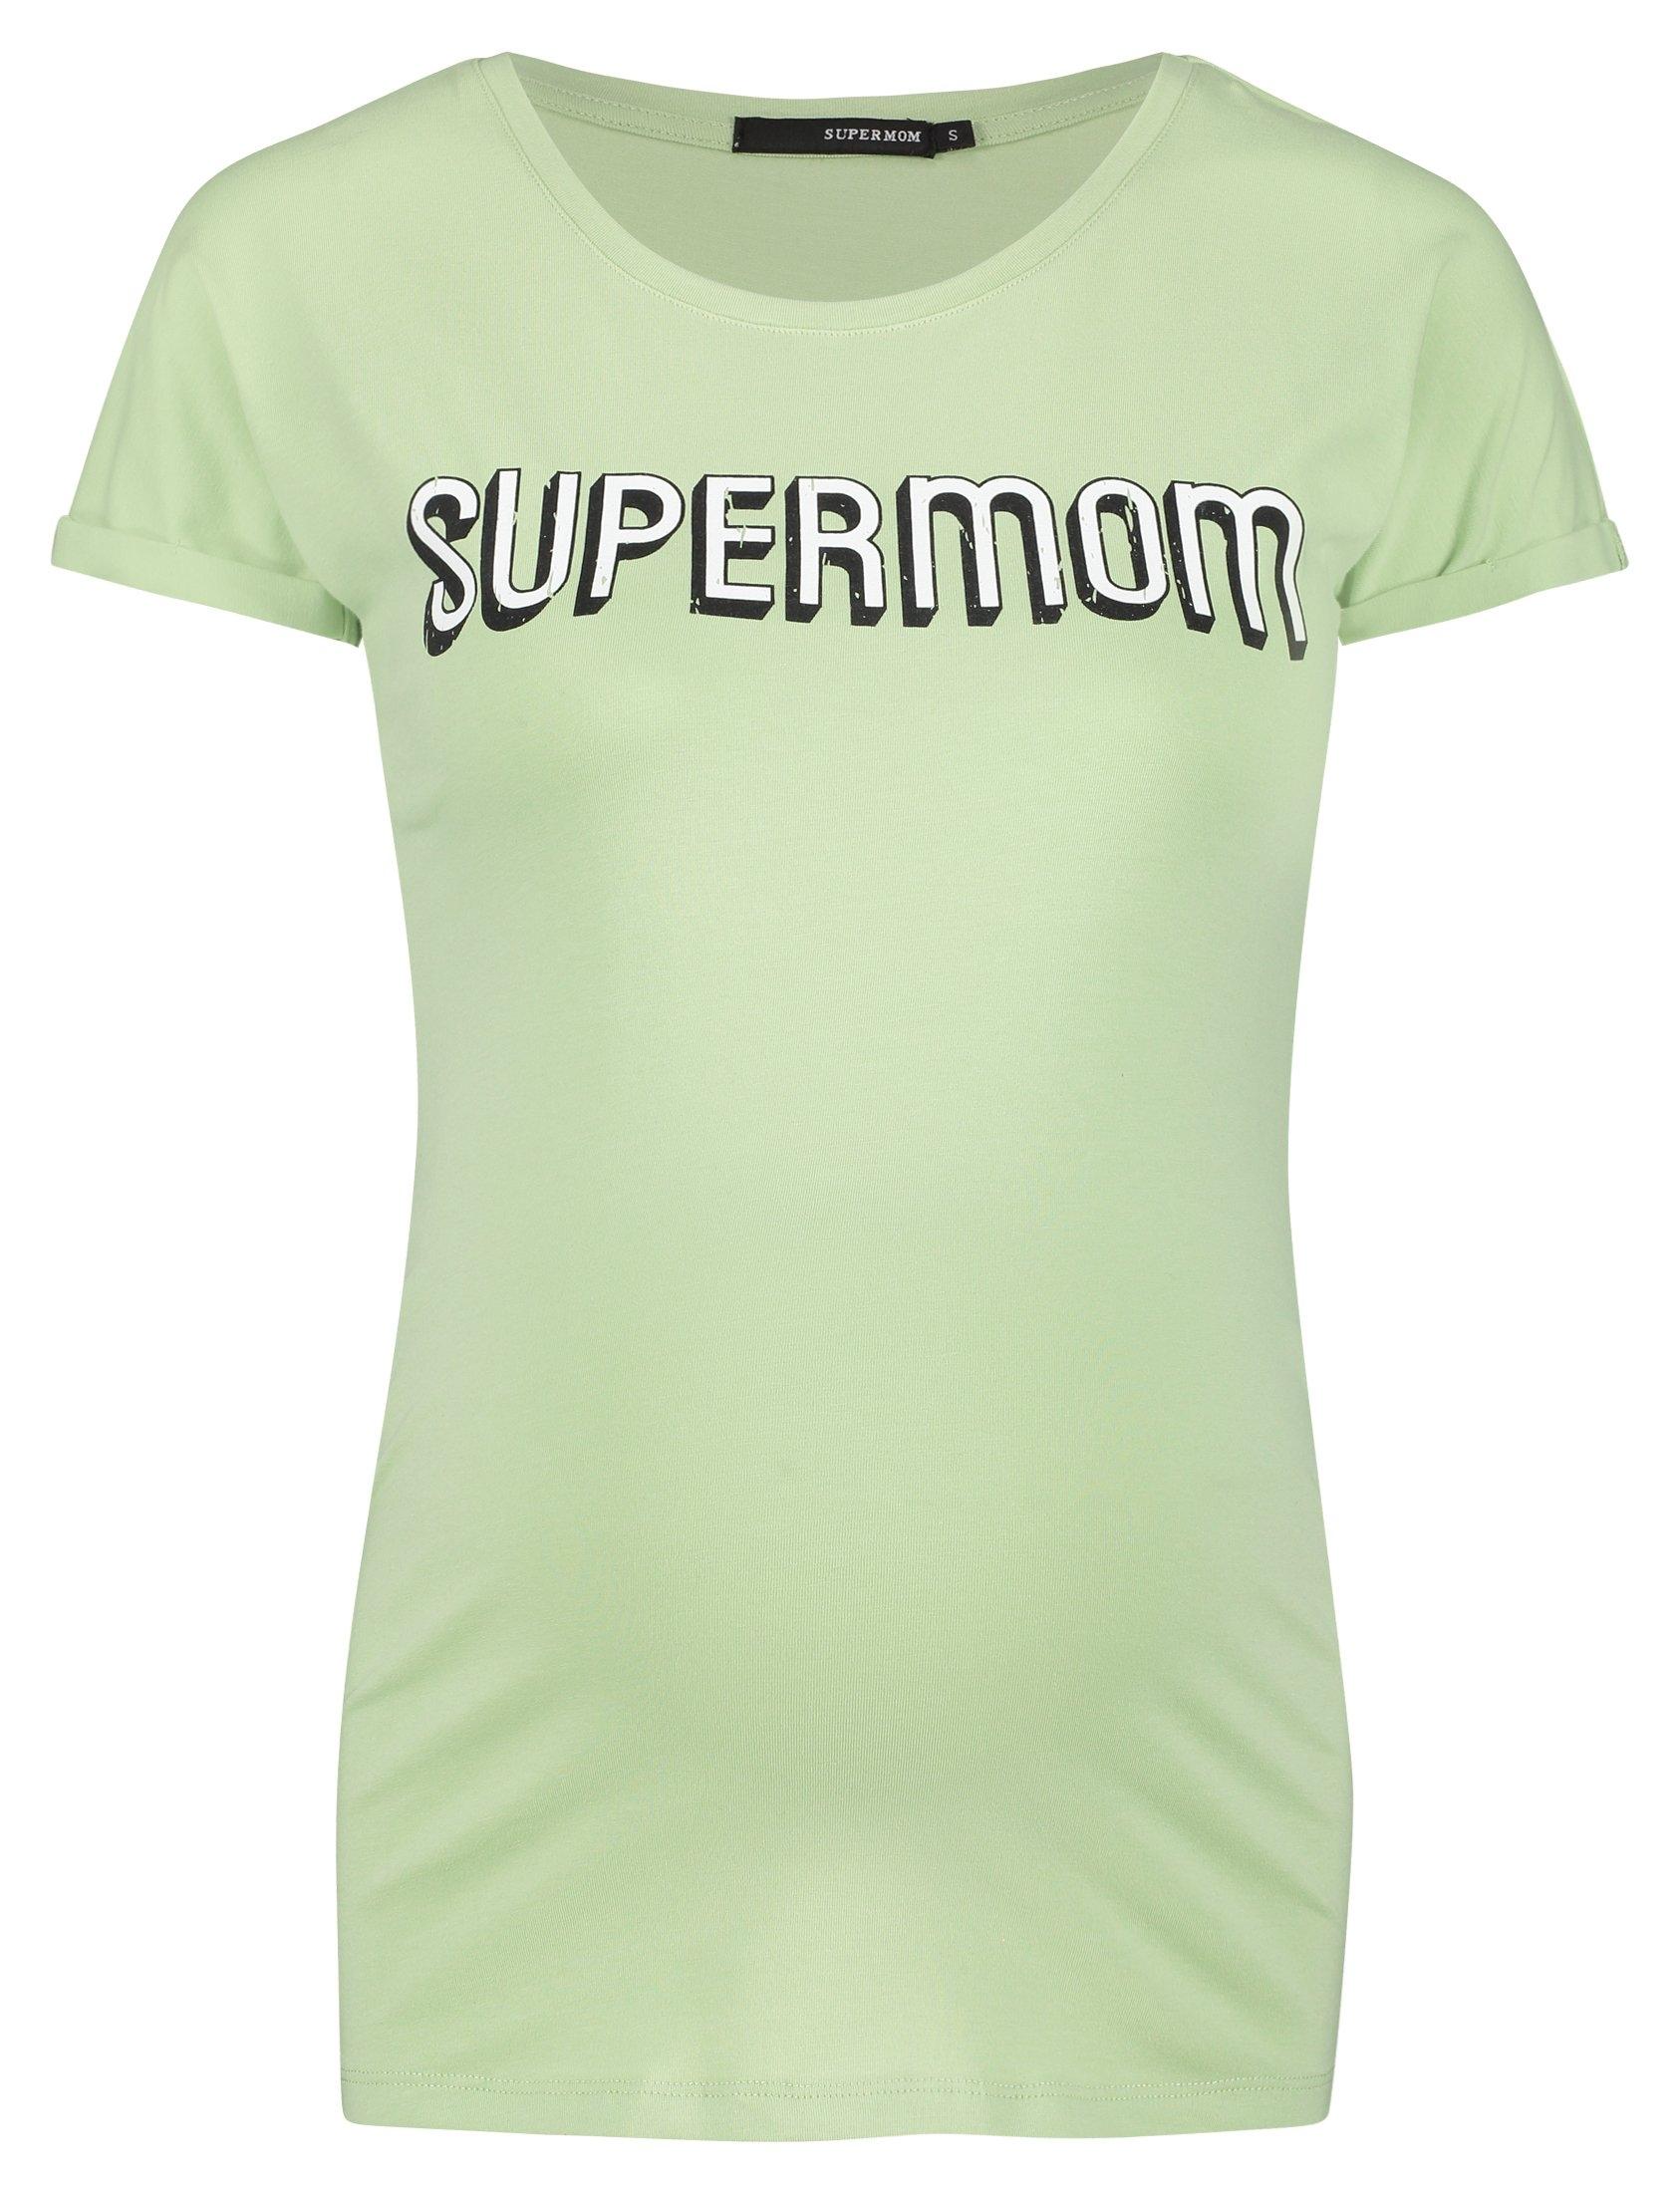 Supermom T-shirt »Supermom« bestellen: 30 dagen bedenktijd